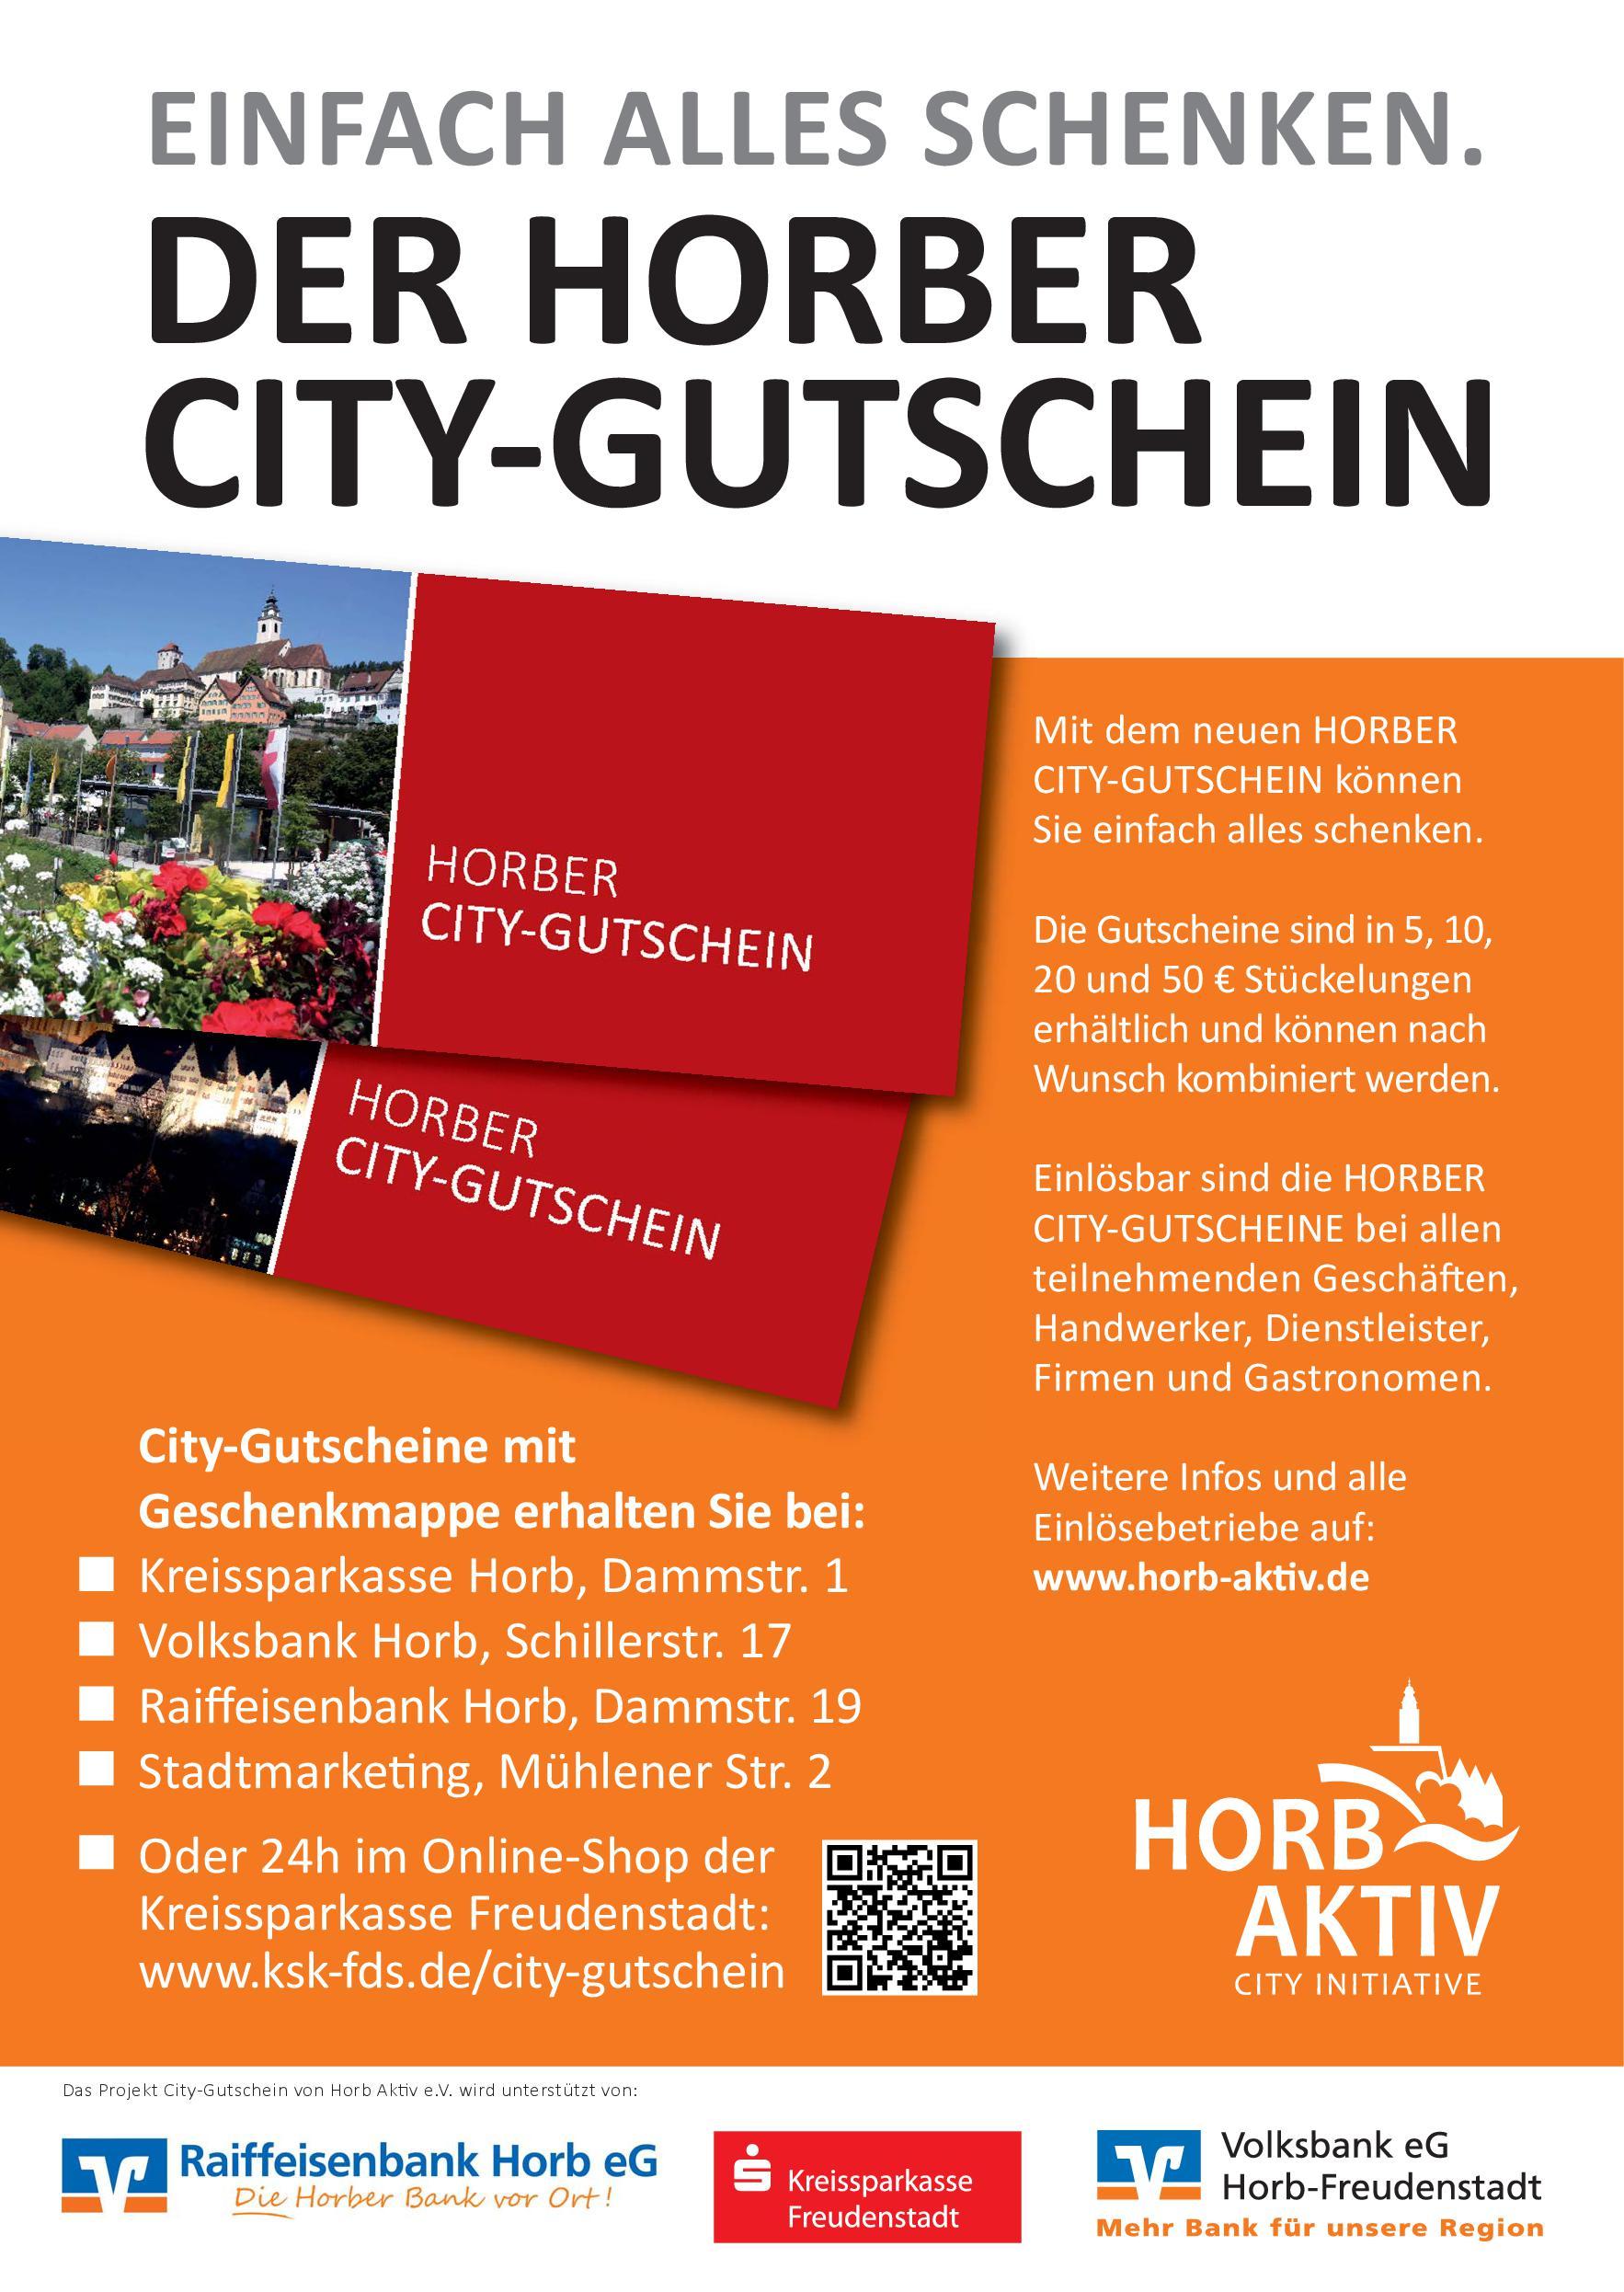 Gutschein_A3_Plakat